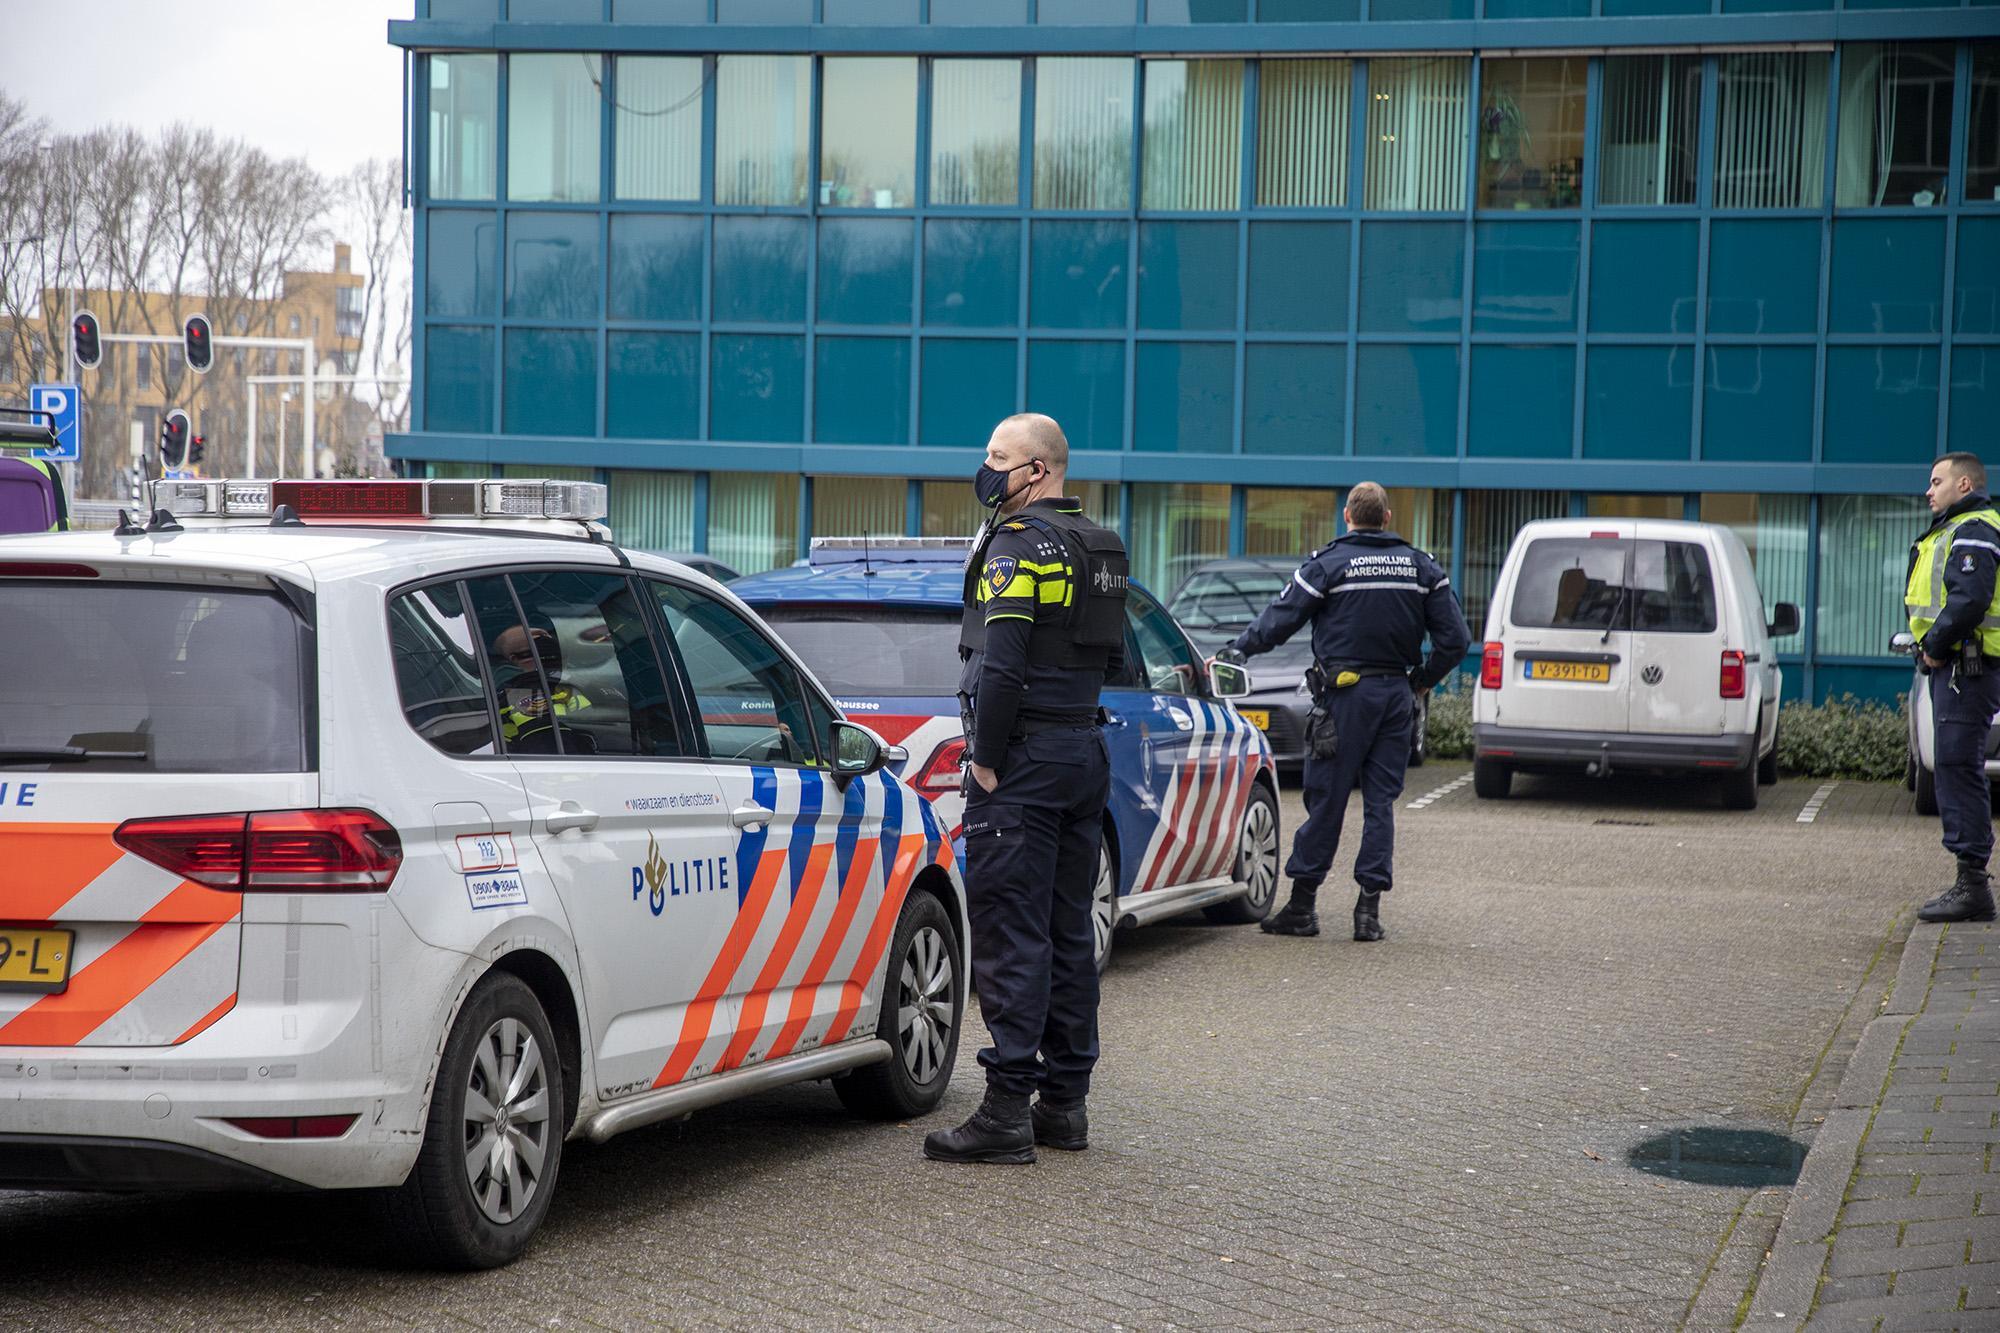 Man bedreigt medewerkers van GGZ-instelling in Velsen-Noord, verdachte uiteindelijk in Hoorn opgepakt